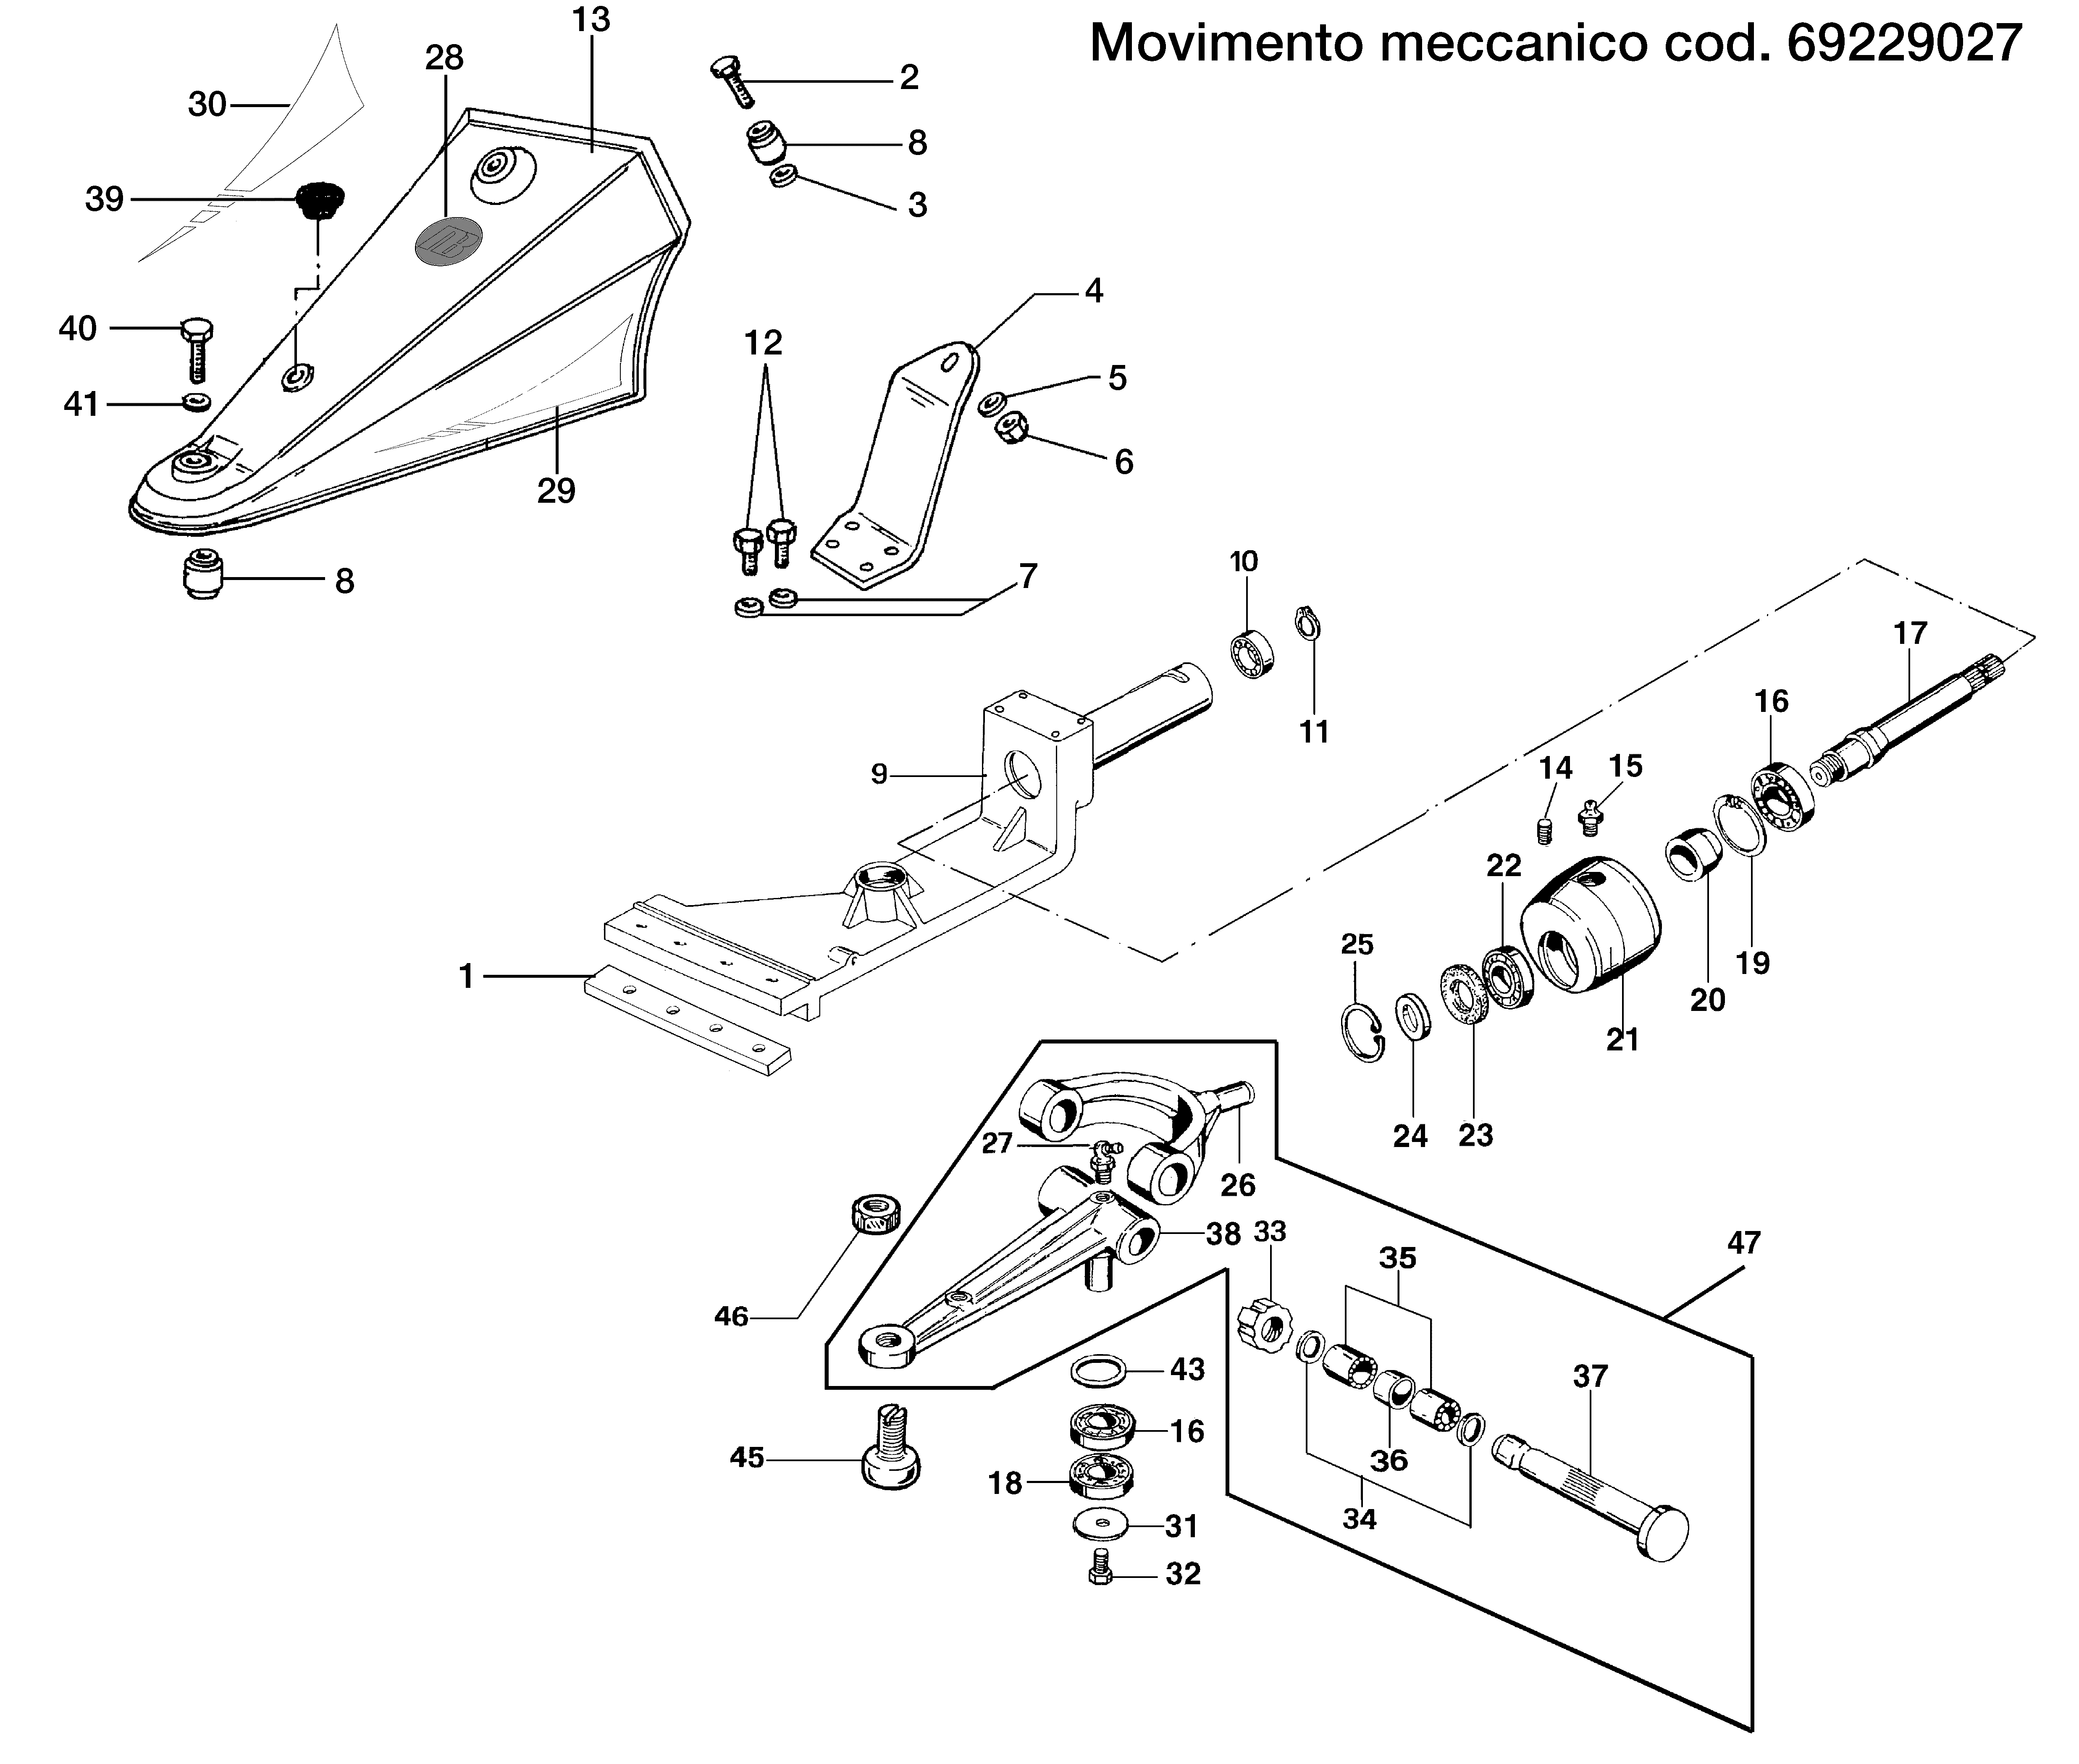 BRIK 3 (EN 709) Motoculteur OLEOMAC NIBBI vue éclatée Dessins pièces -  Mouvement mécanique 69229027